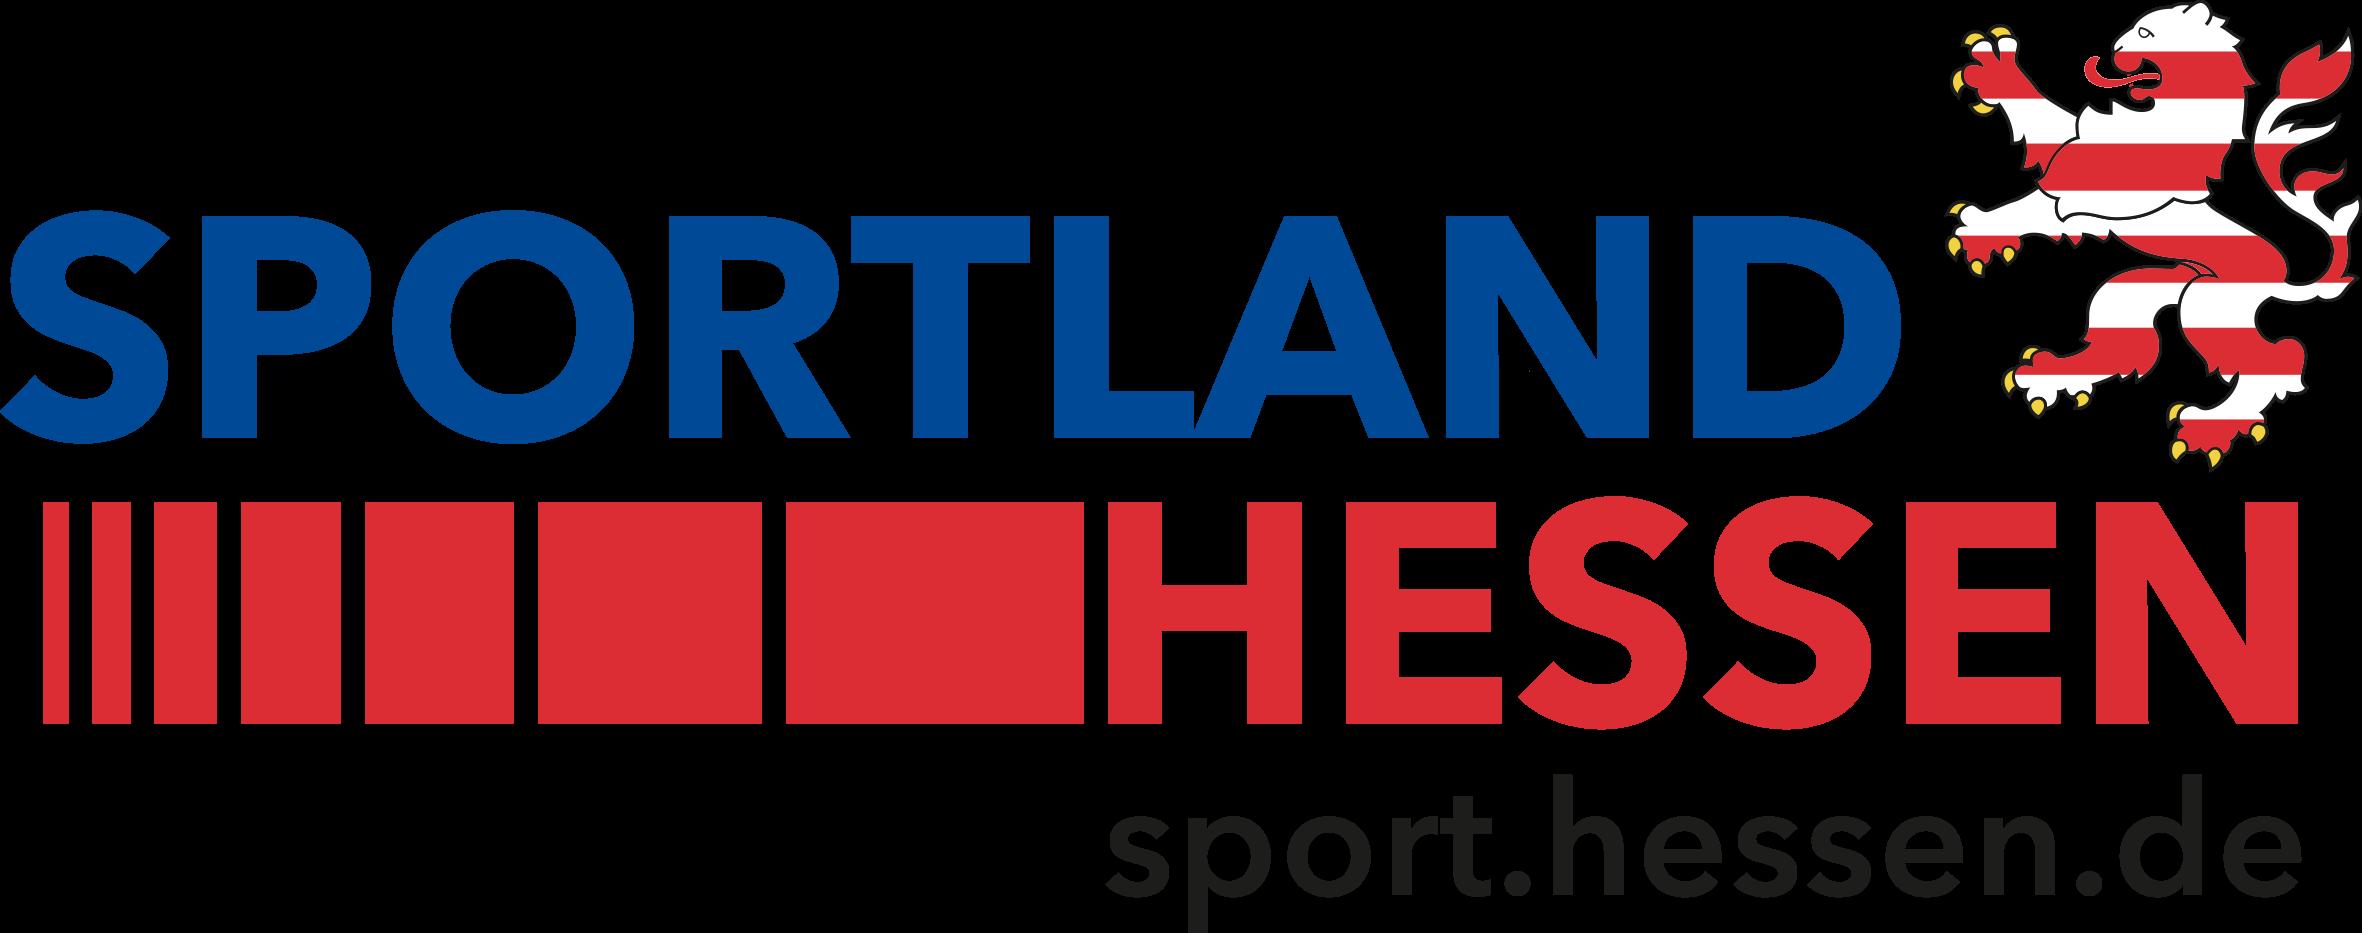 Sportland Hessen